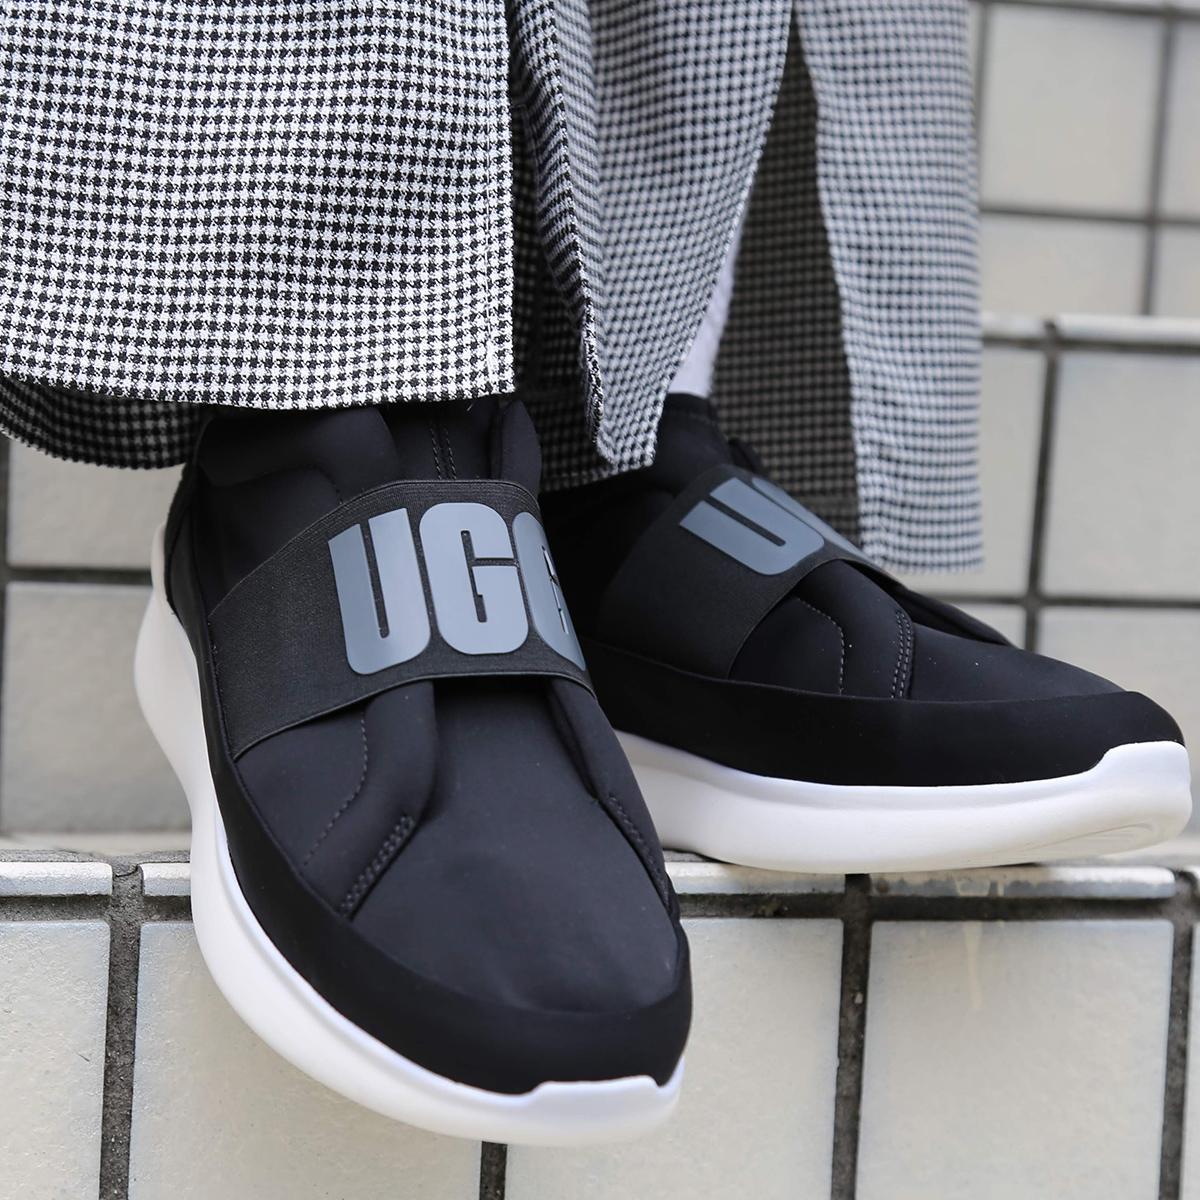 UGG Pico (アグ ピコ)BLACK【レディース スニーカー】19SS-I